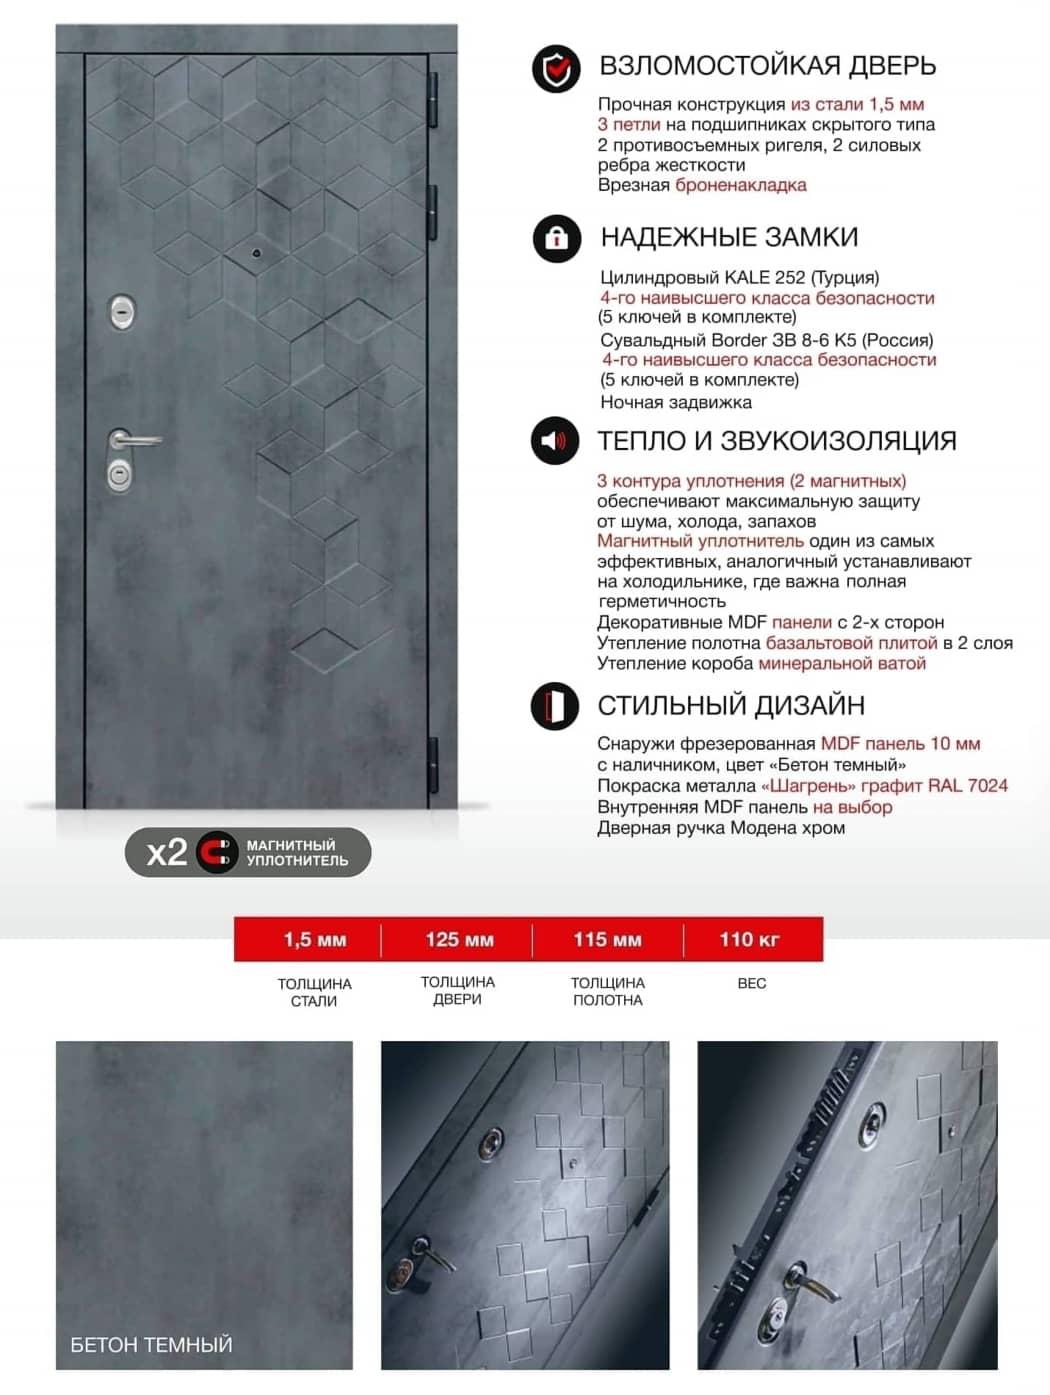 двери бетон, дверь входная бетон, двери цвет бетон, двери лабиринт бетон, дверь бетон с зеркалом, дверь beton